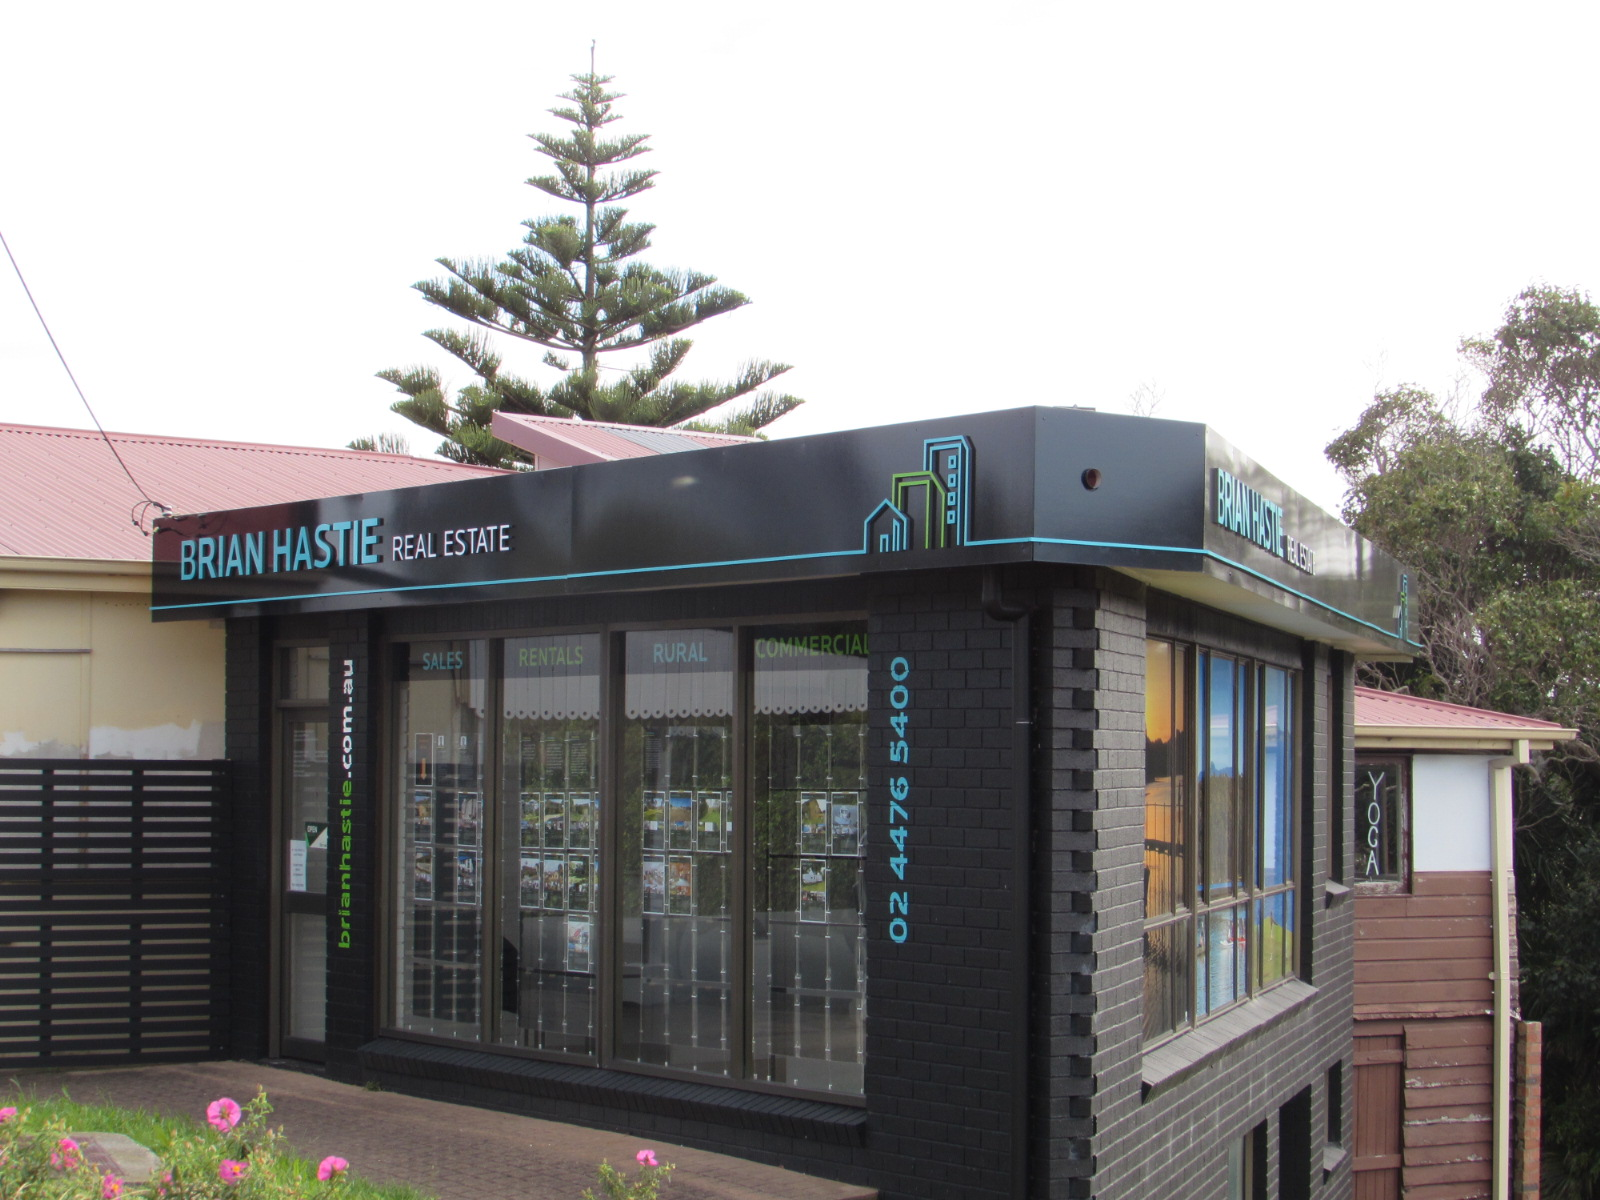 Brian Hastie Real Estate - Narooma, NSW 2546 - (02) 4476 5400 | ShowMeLocal.com